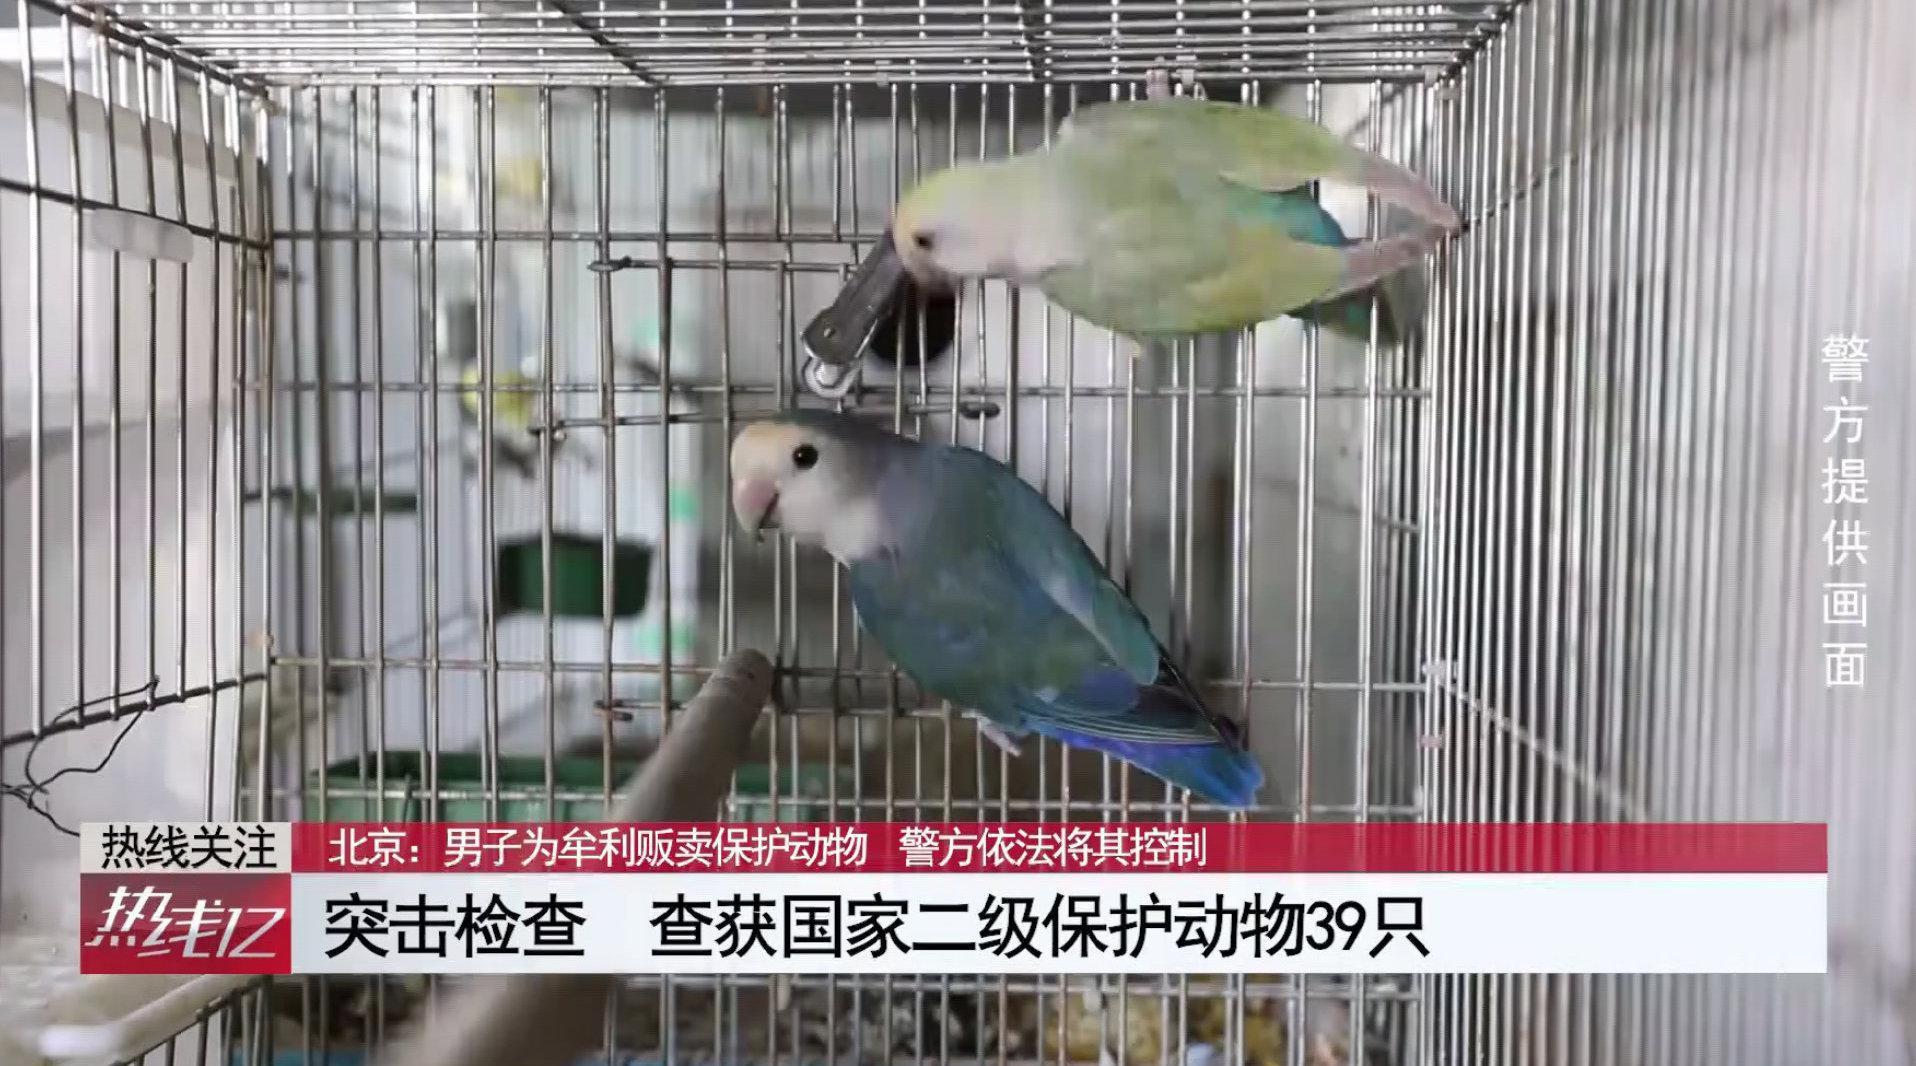 北京:男子为牟利贩卖保护动物 被警方依法刑拘